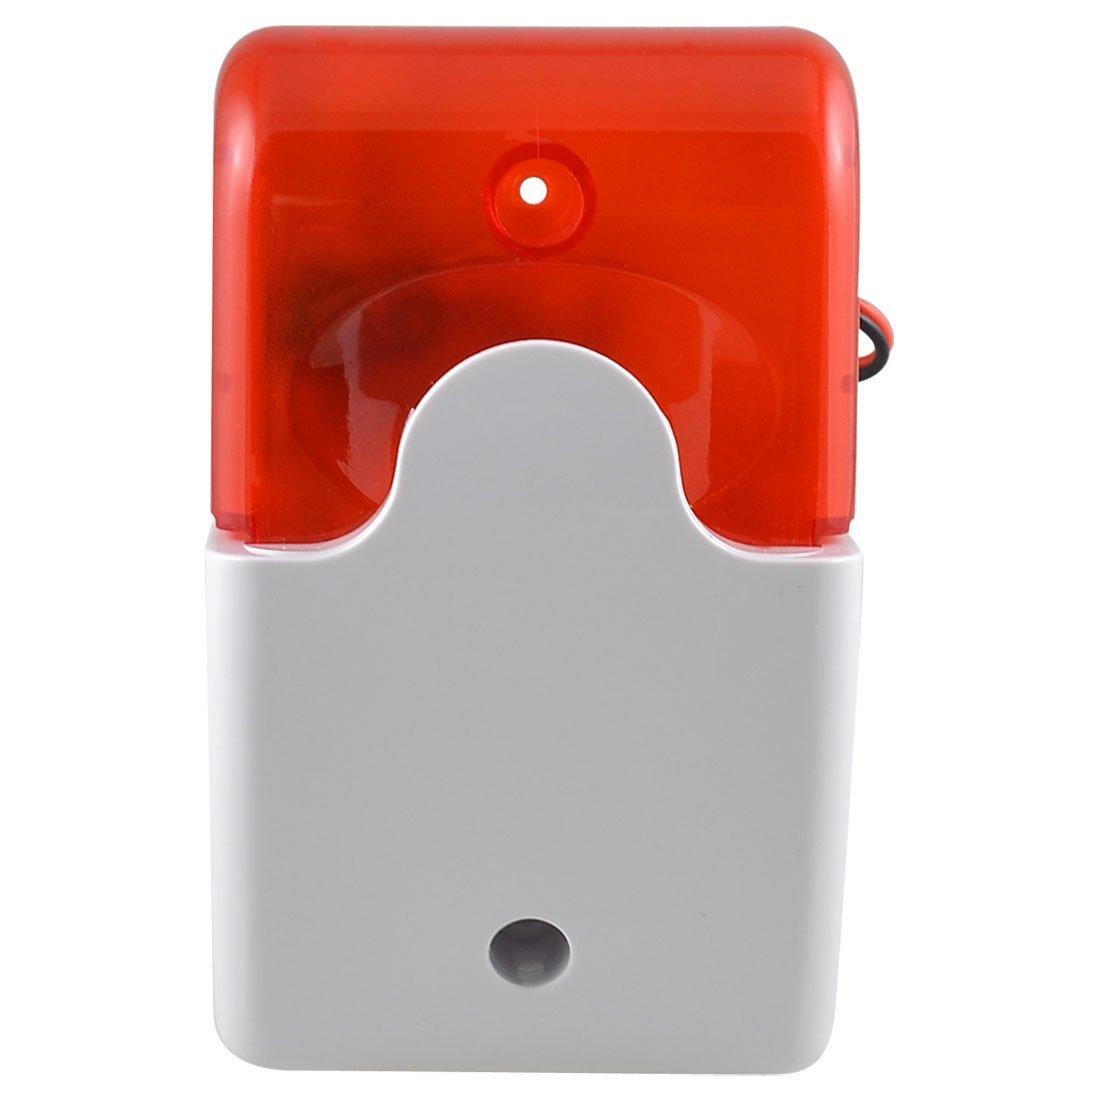 Esp8266-Alarm